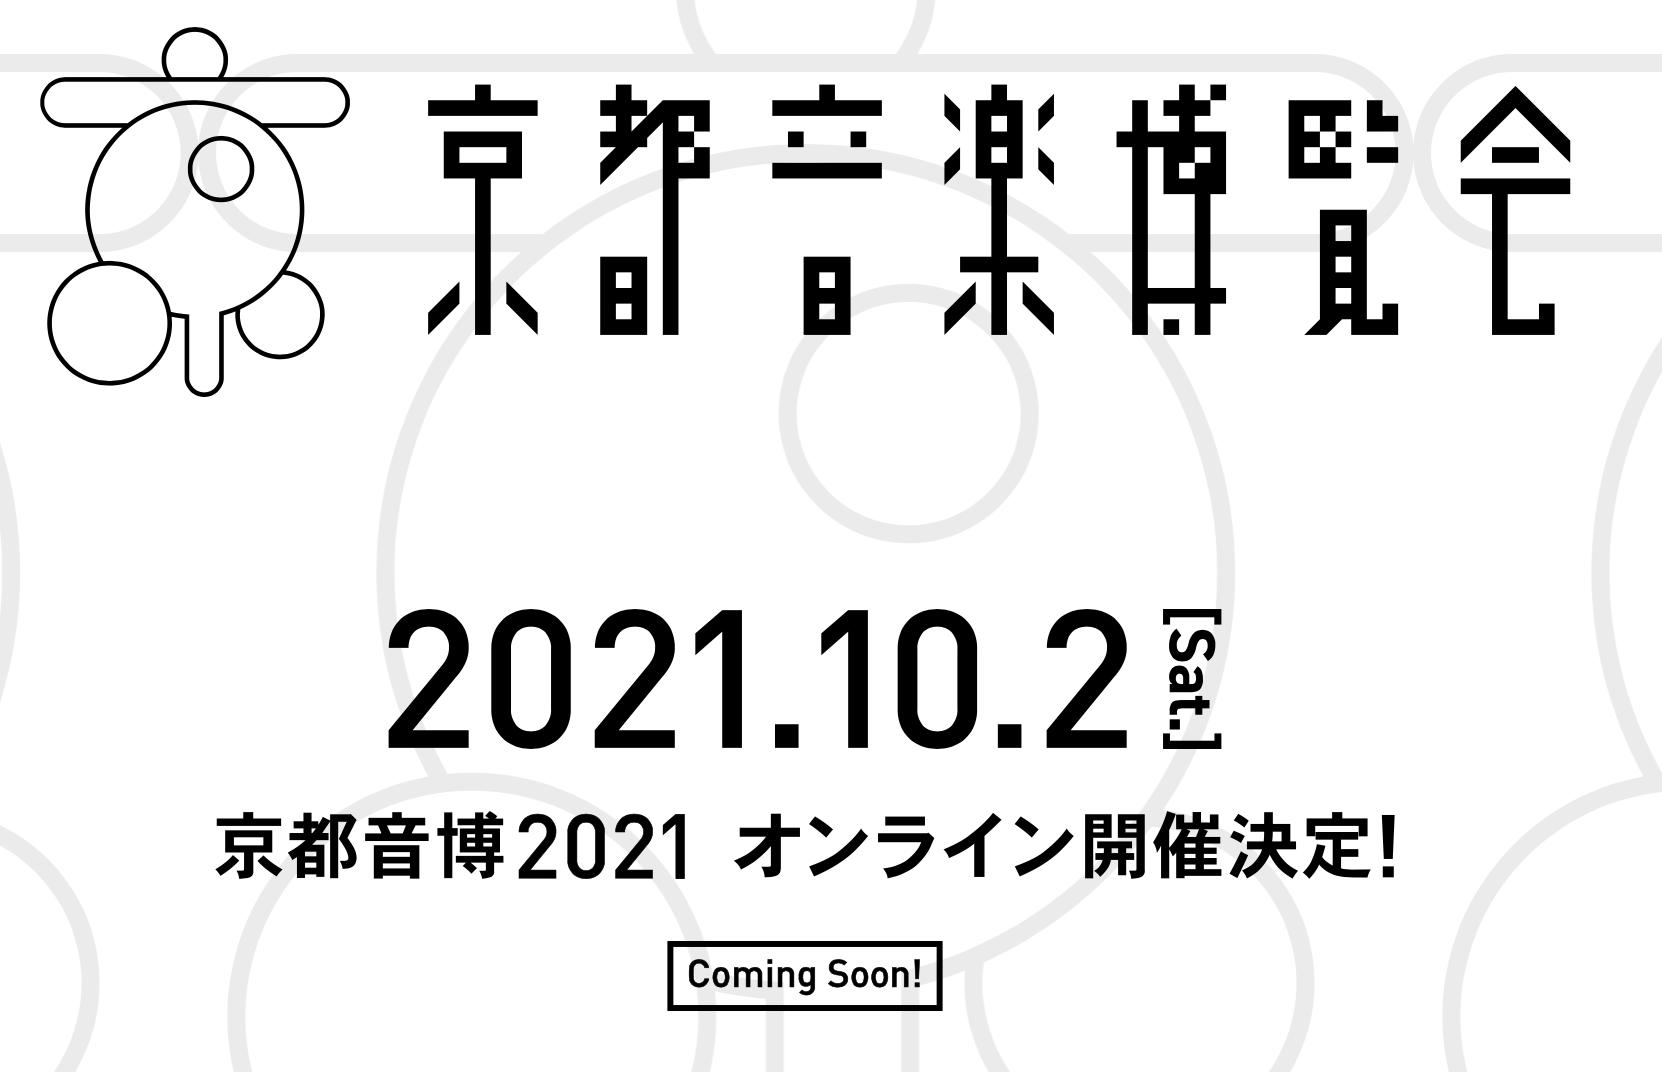 團團轉樂團主辦「京都音樂博覽會 2021」將於10 月 2 日以線上形式舉行